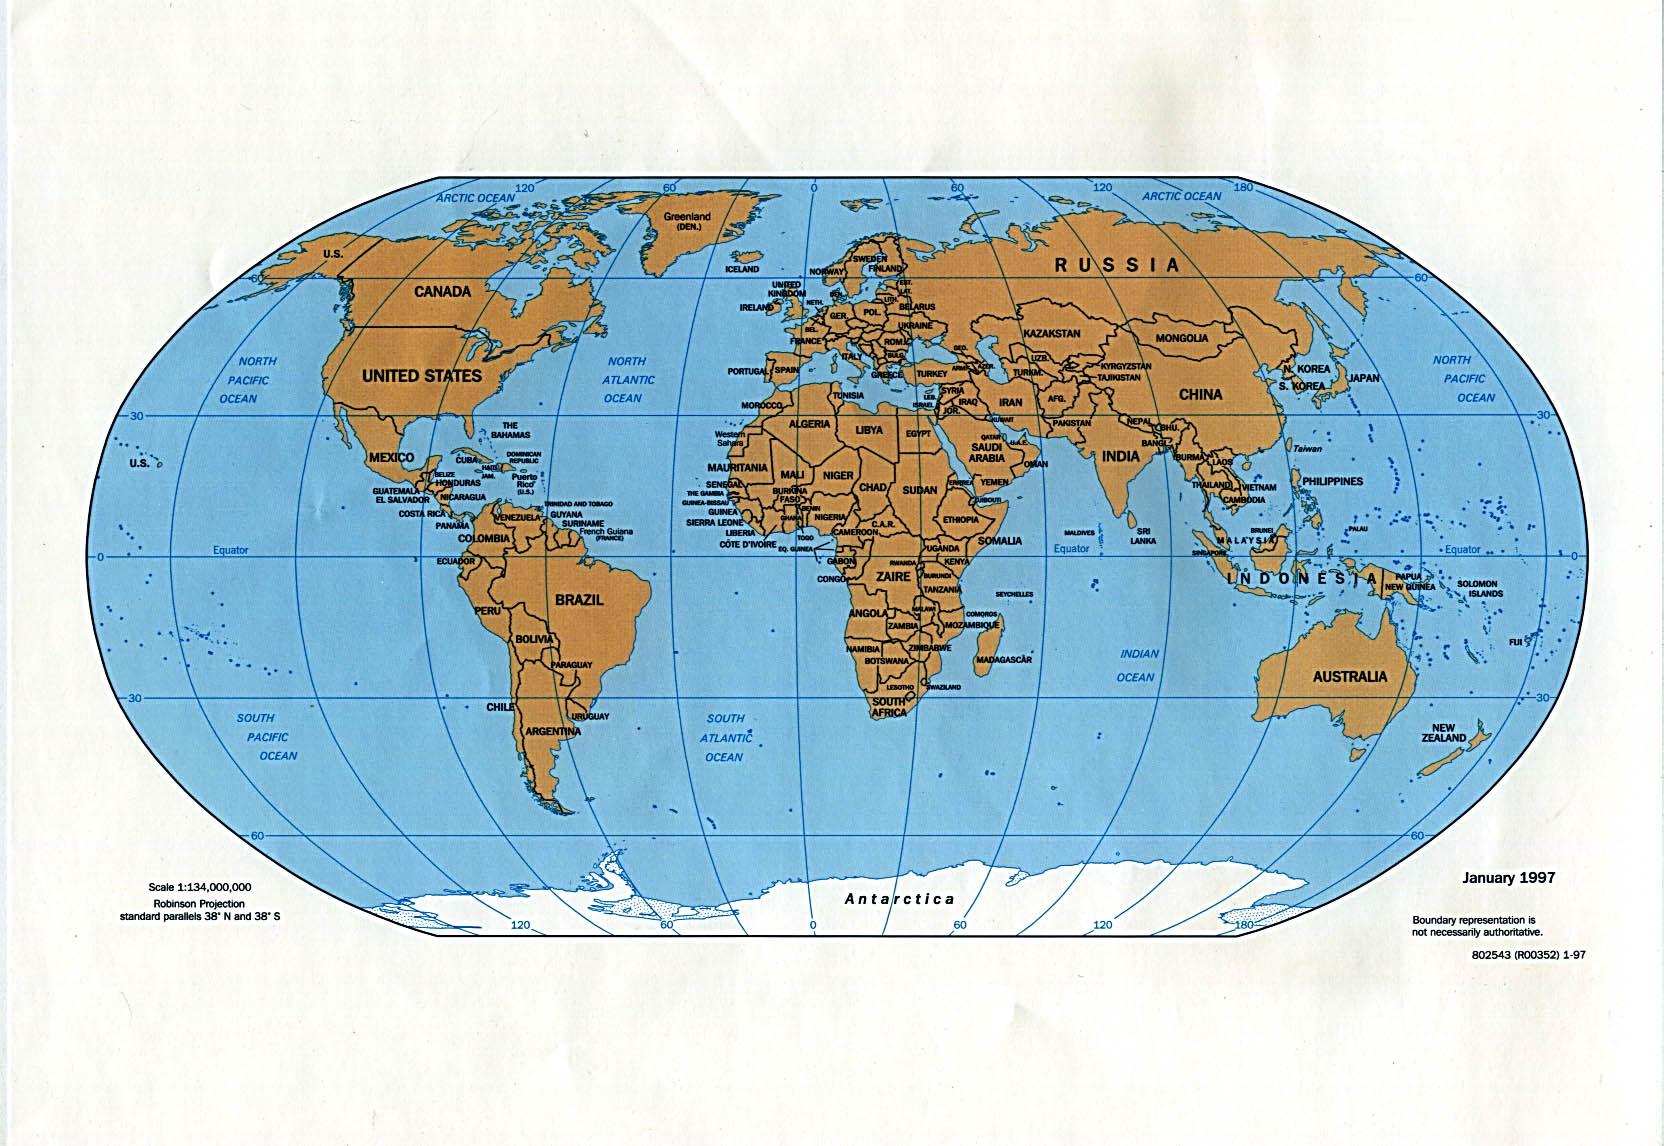 Mapa Politico del Mundo 1997